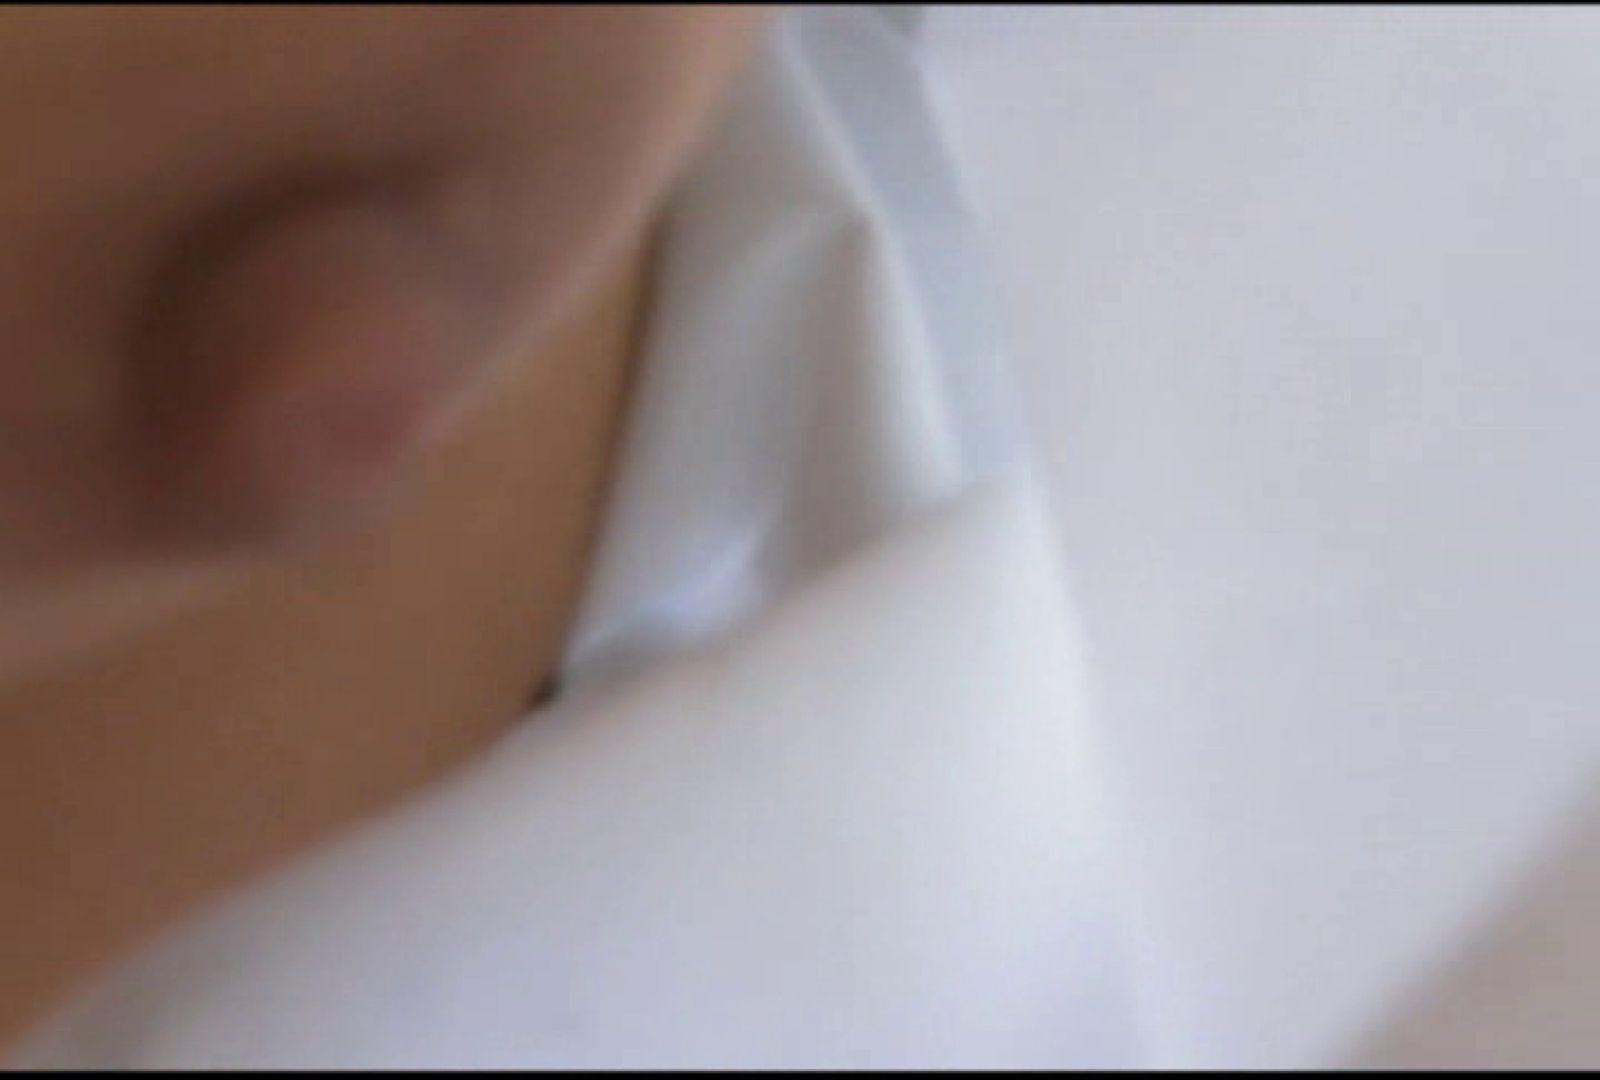 いきつけの美容院はノーブラ営業中!Vol.4 乳首 性交動画流出 66画像 16